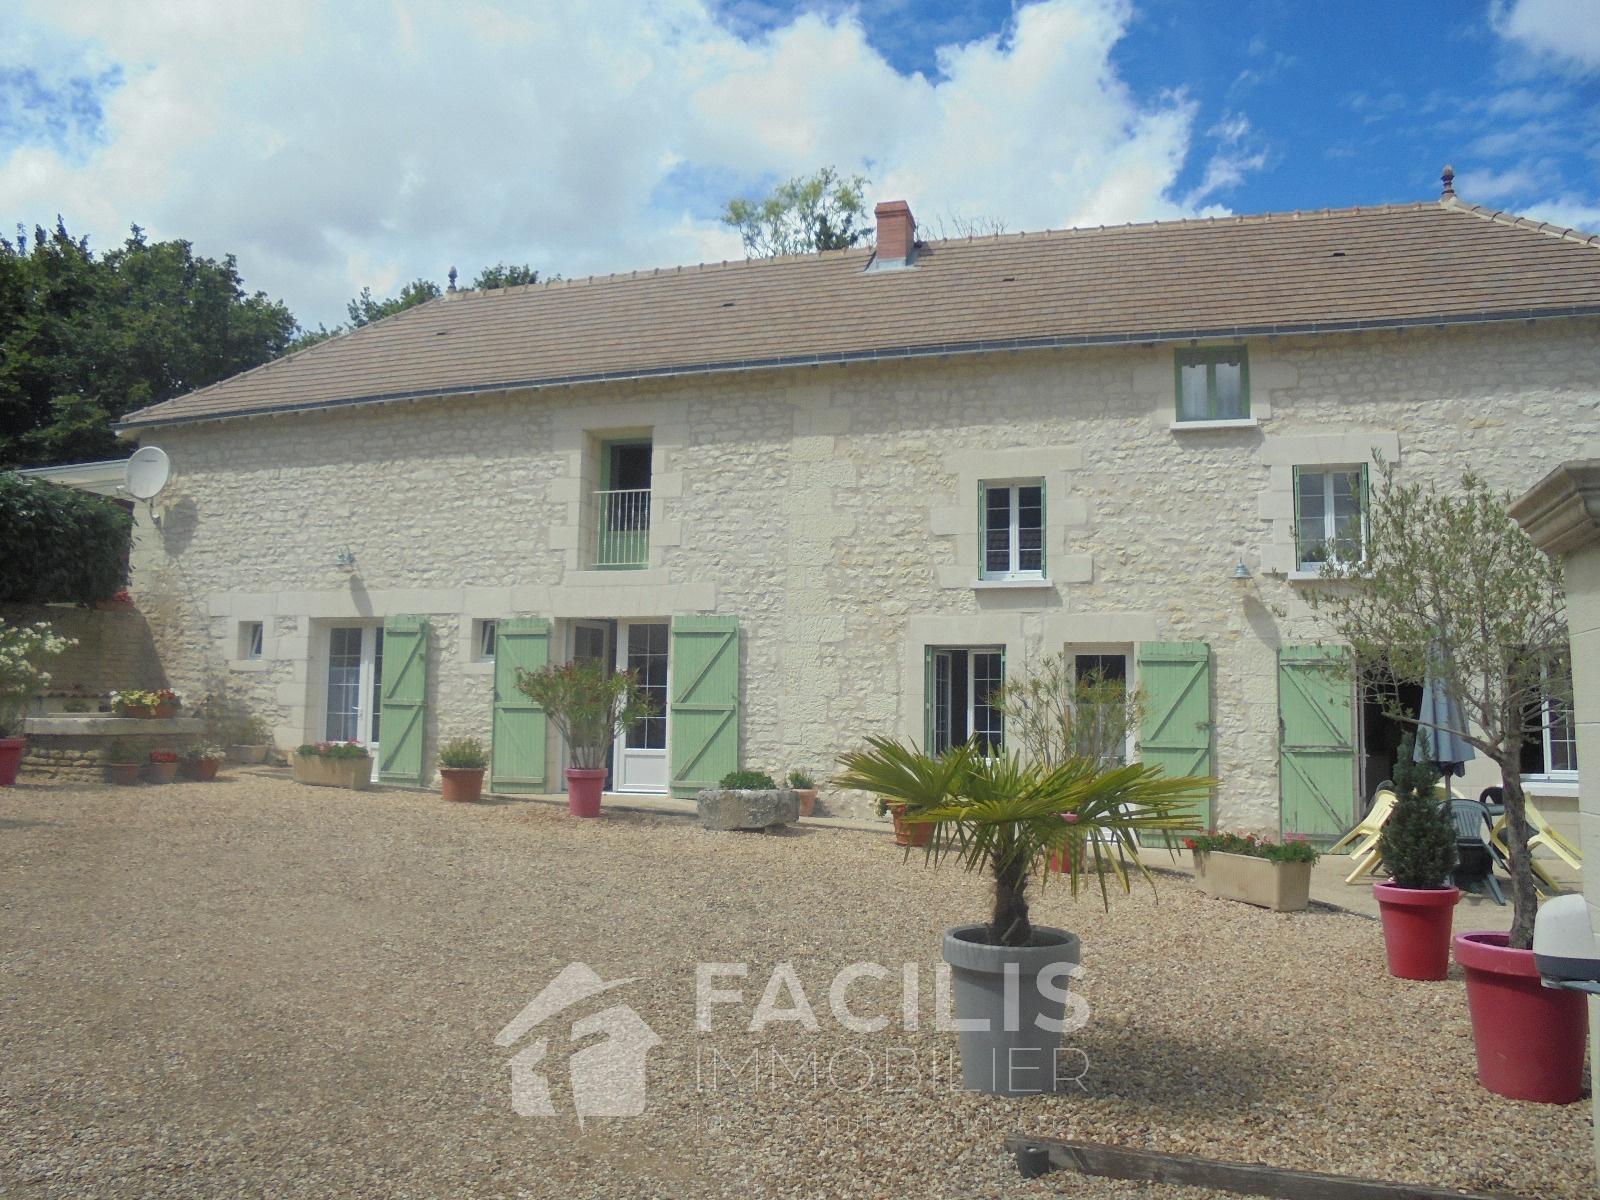 maison villa vente vouneuil sur vienne m tres carr s 250 dans le domaine de vouneuil sur vienne ref vma2330009534